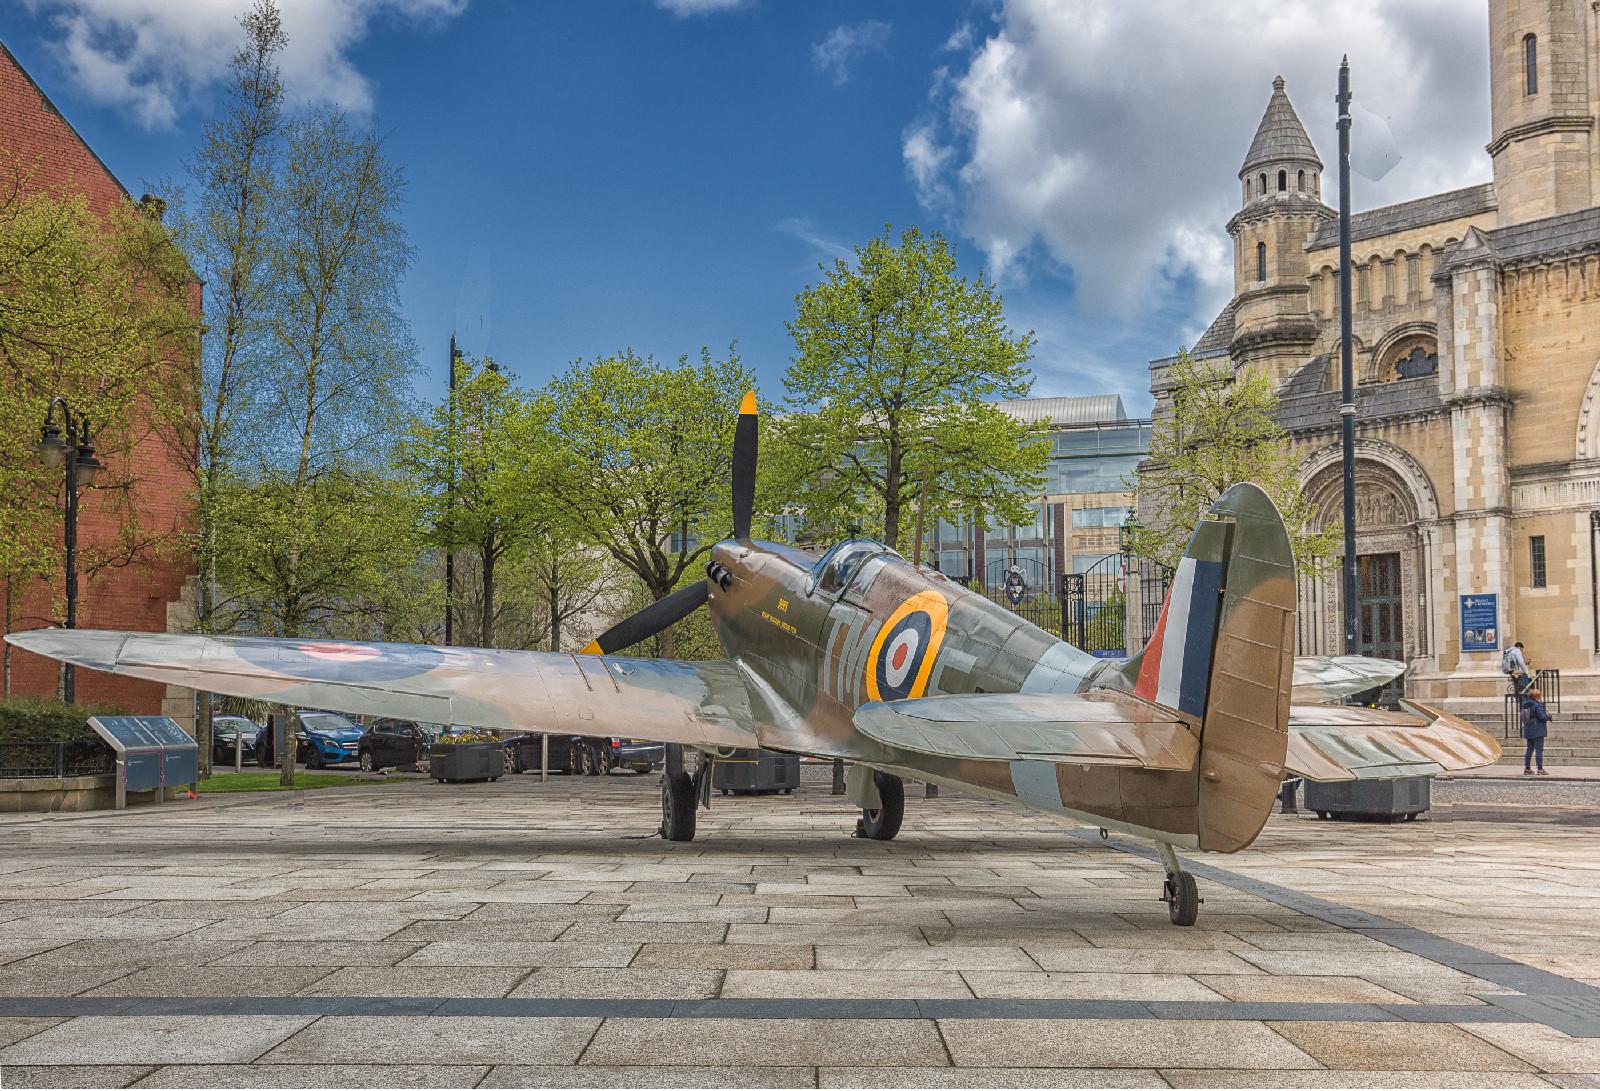 PDI - Belfast Spitfire by Alan Chowney (8 marks)